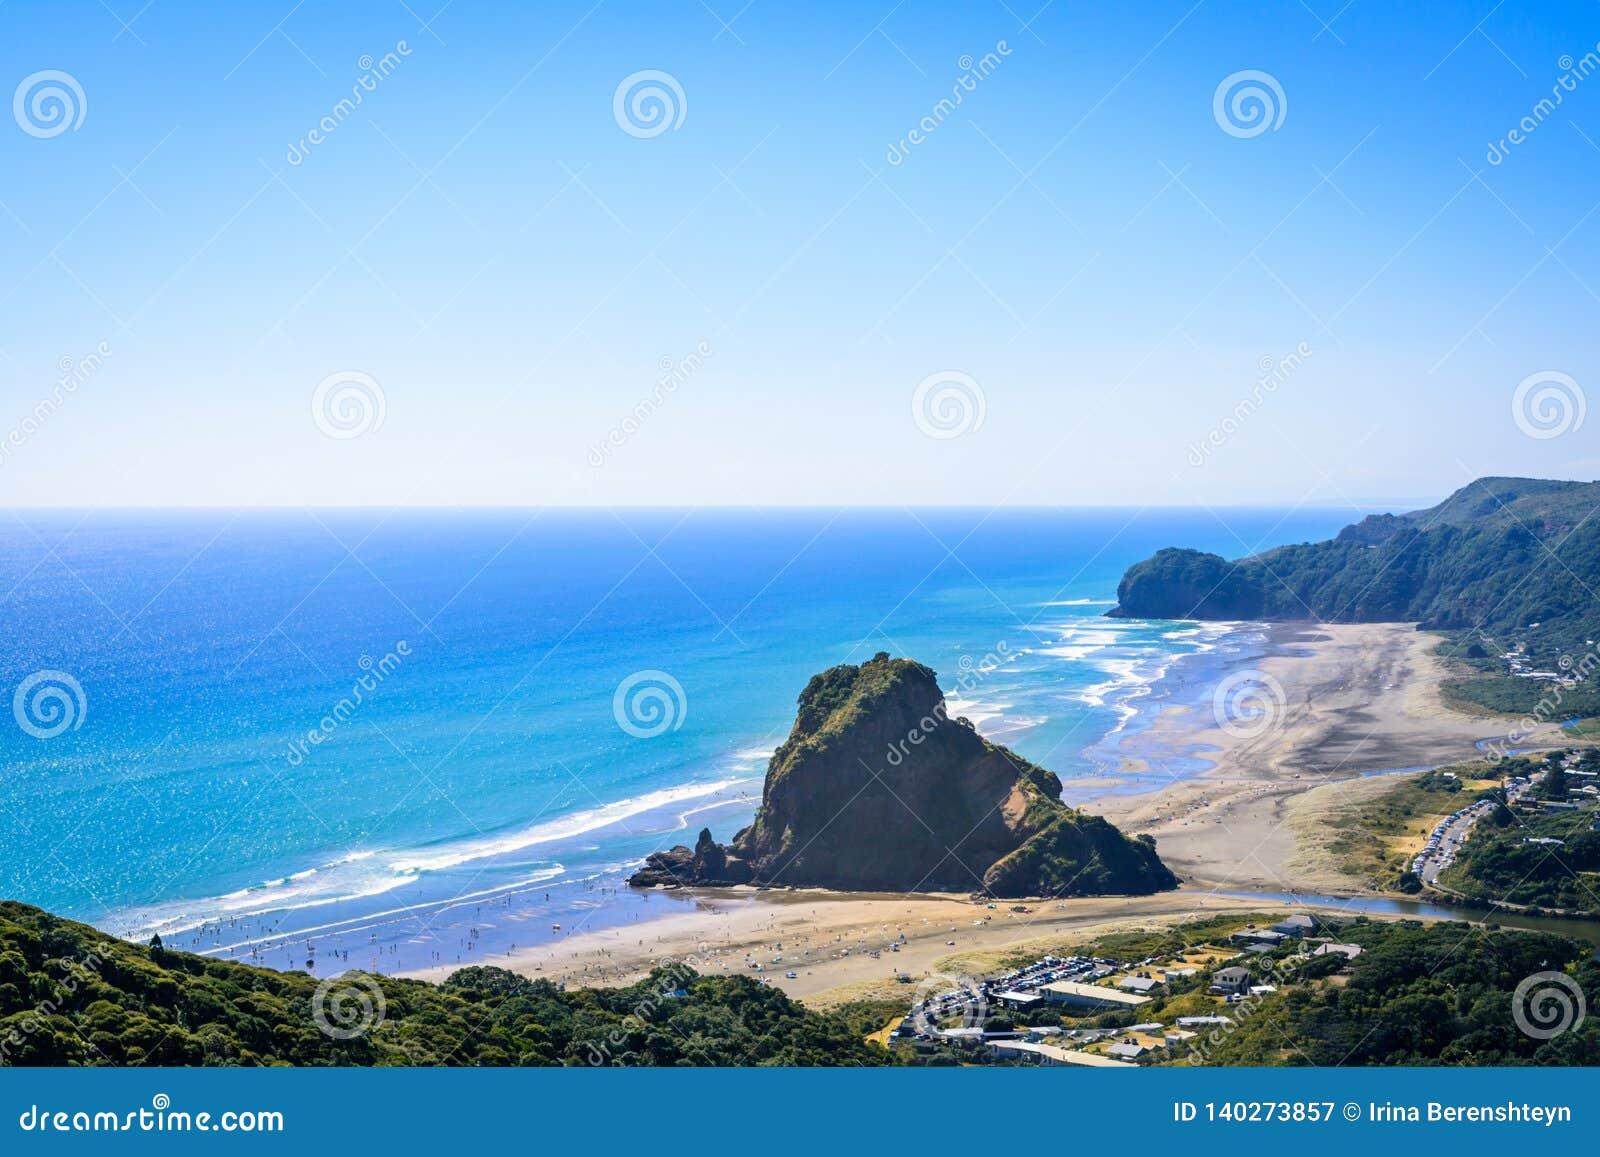 Εναέρια άποψη πέρα από την παραλία Piha, δυνατός βράχος λιονταριών στο κέντρο, στη δυτική ακτή του Ώκλαντ, Νέα Ζηλανδία